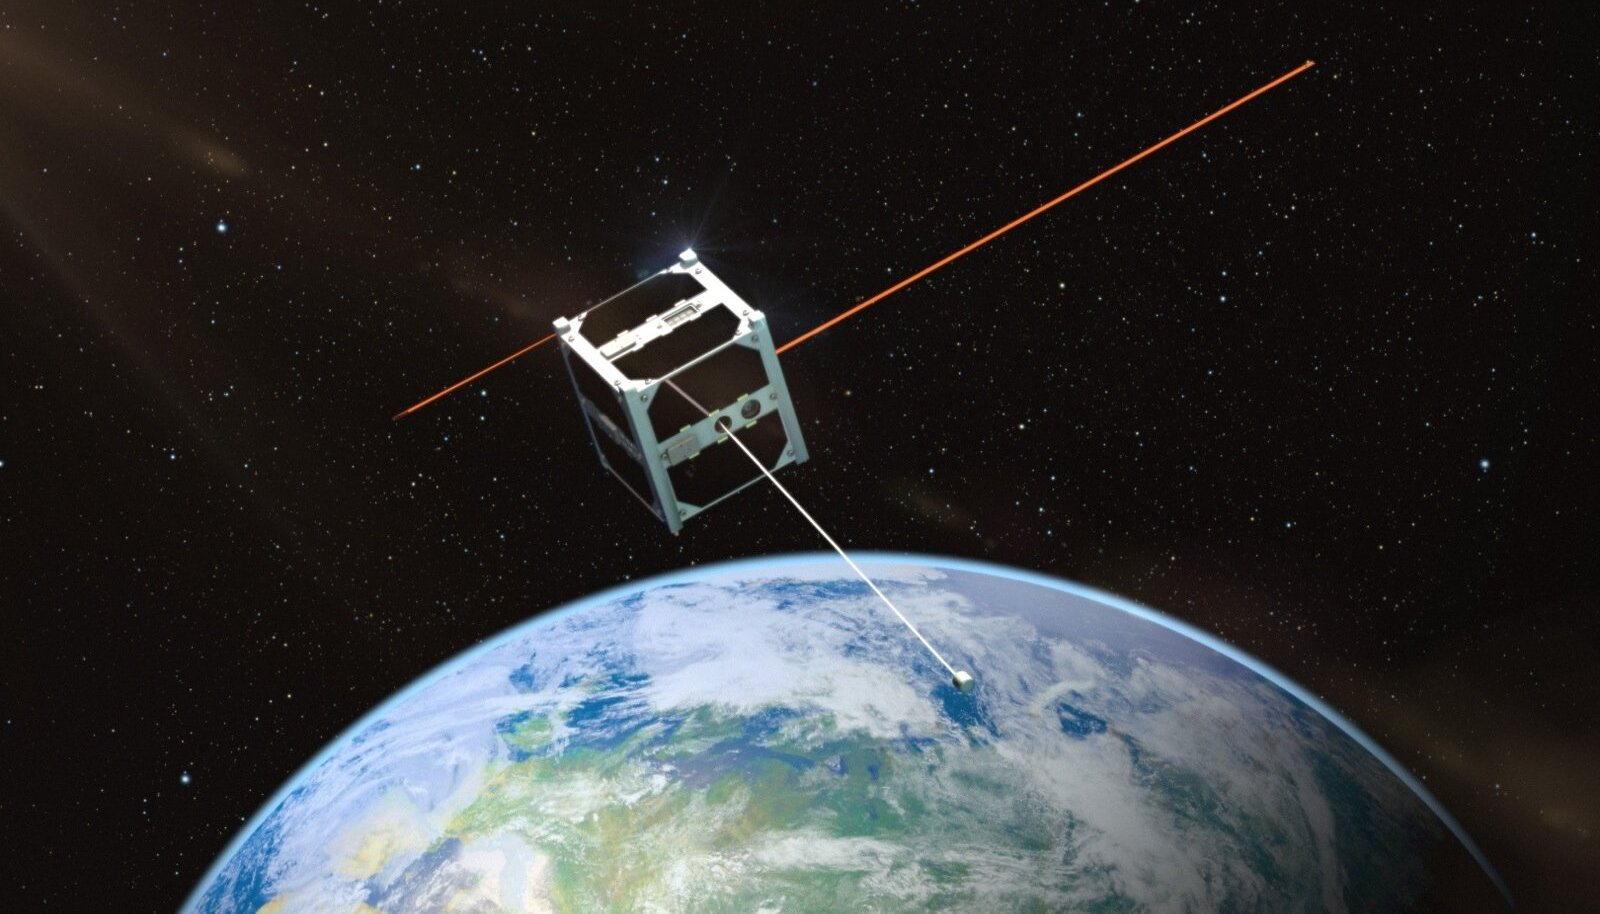 Kunstniku nägemus ESTCube-1-st Maa orbiidil